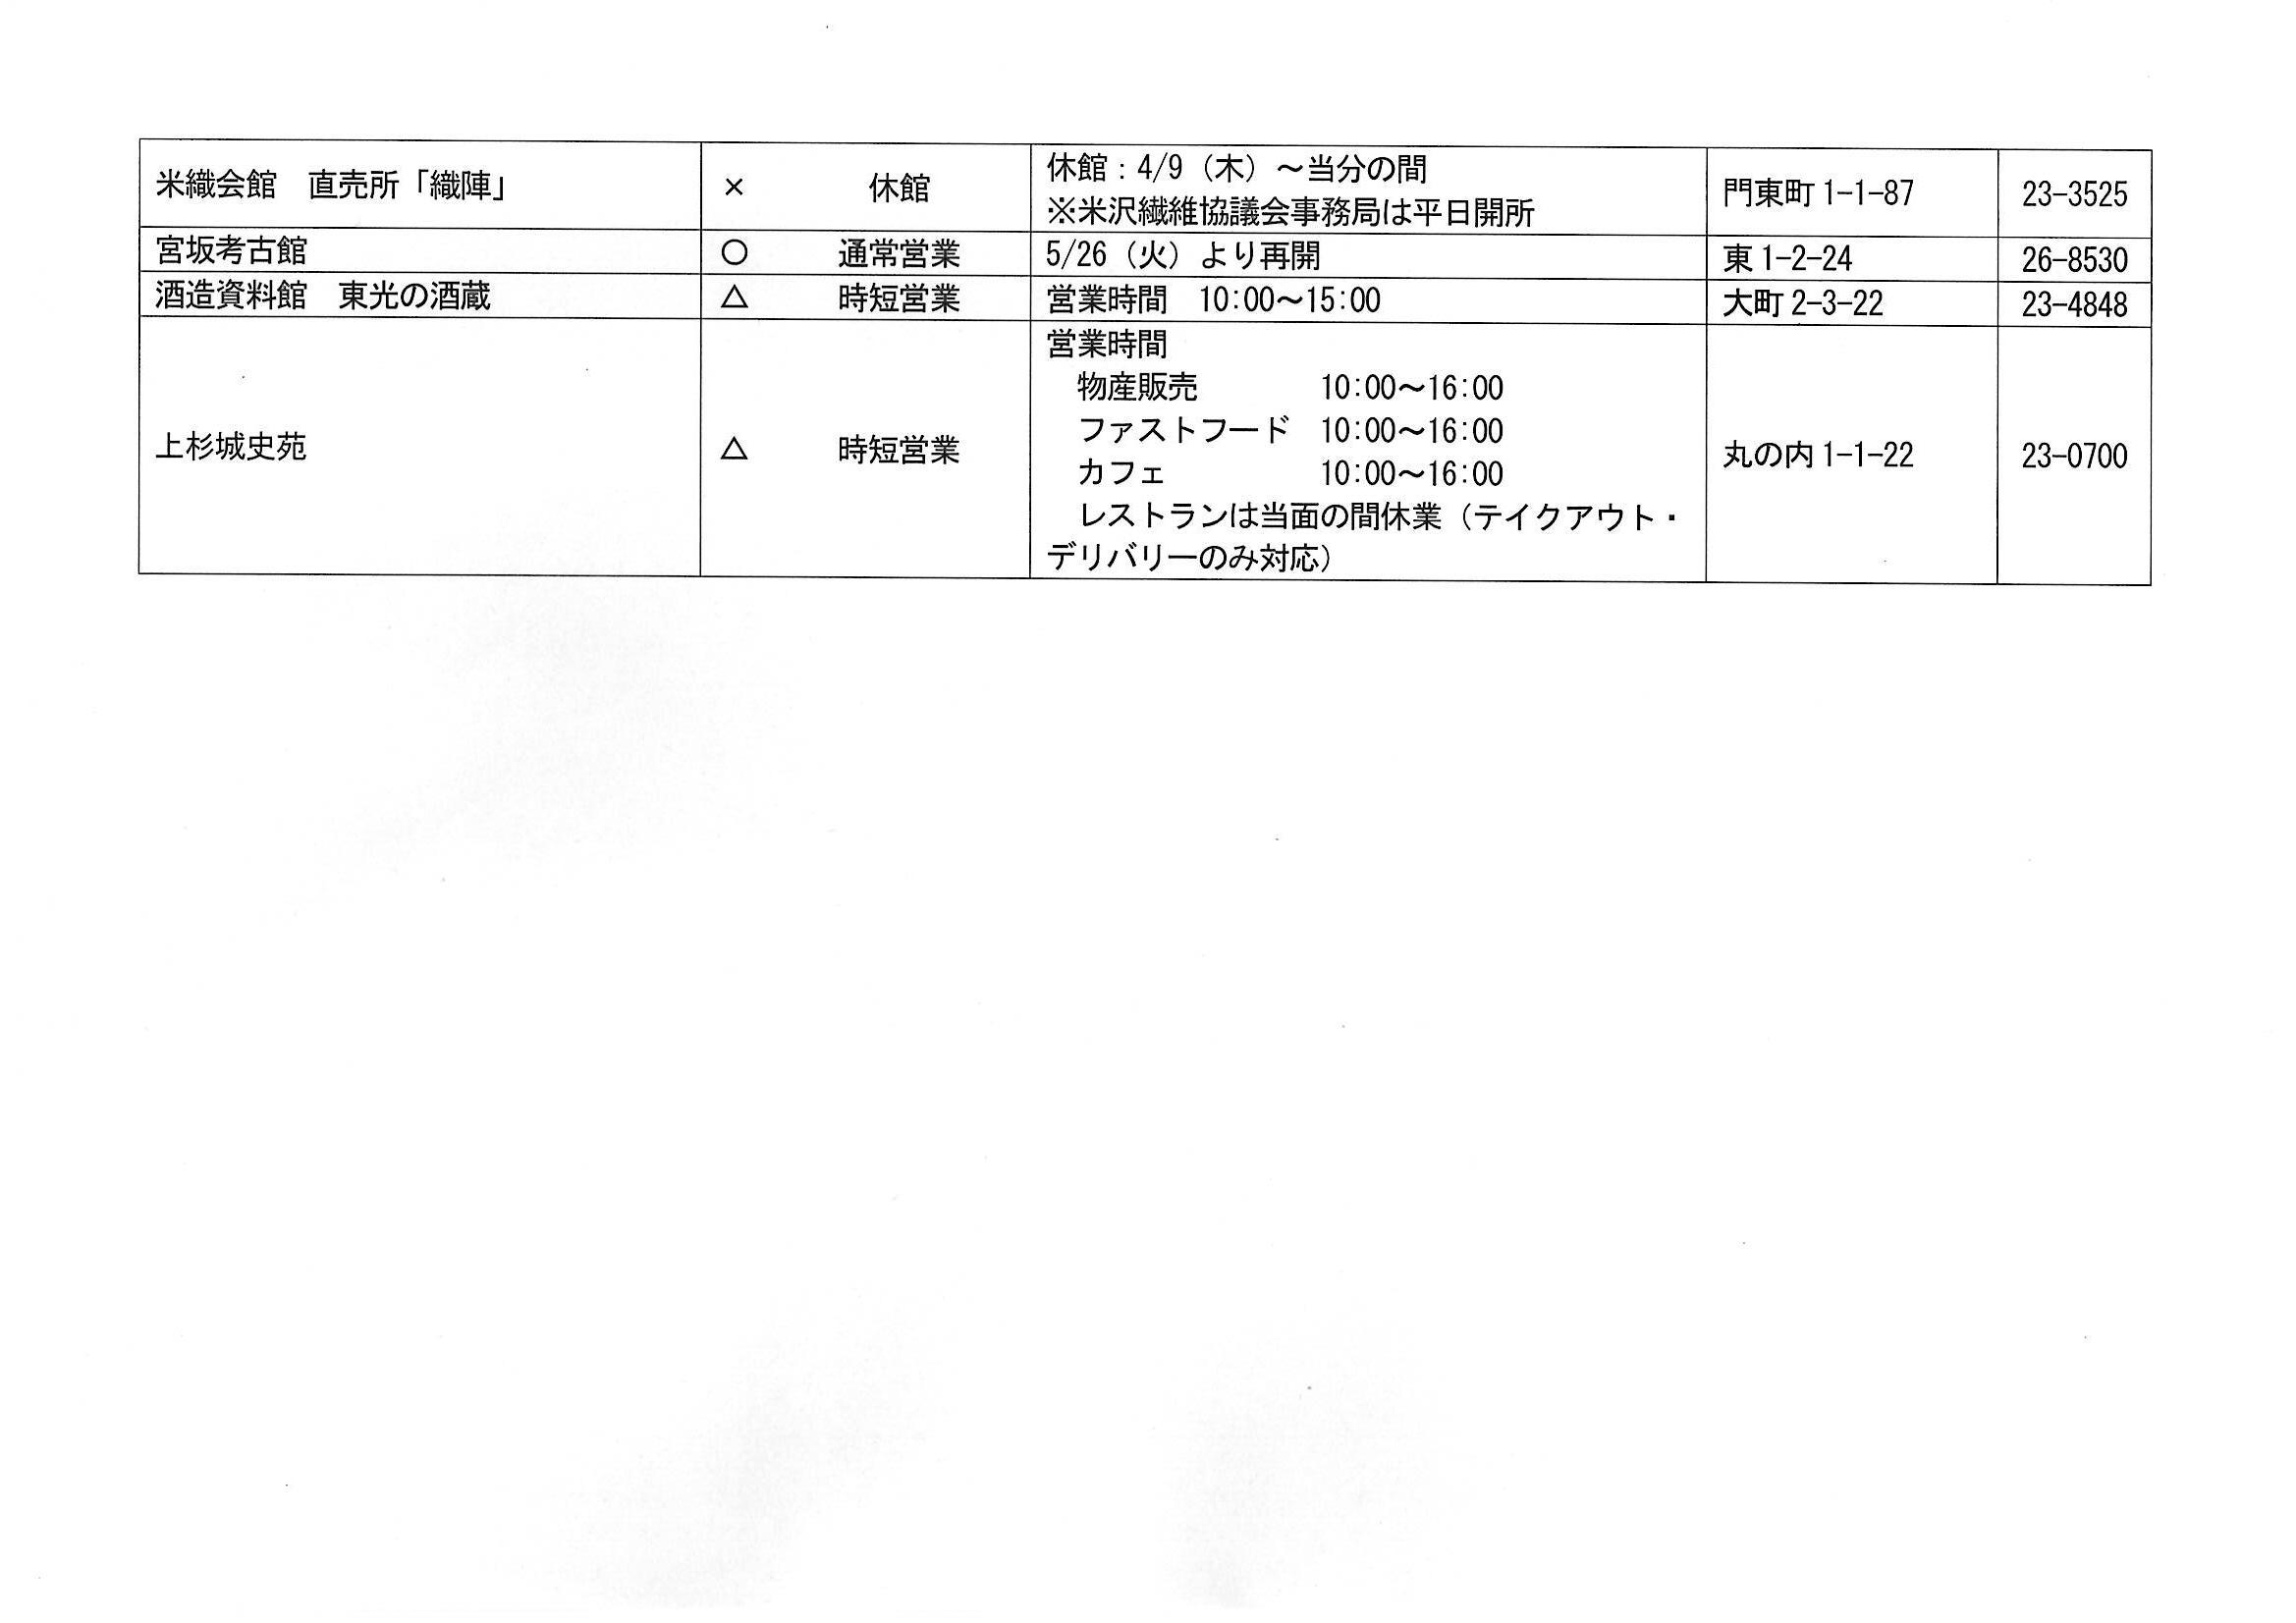 新型コロナウイルスの影響による米沢市内主要施設の営業状況(5月26日現在)